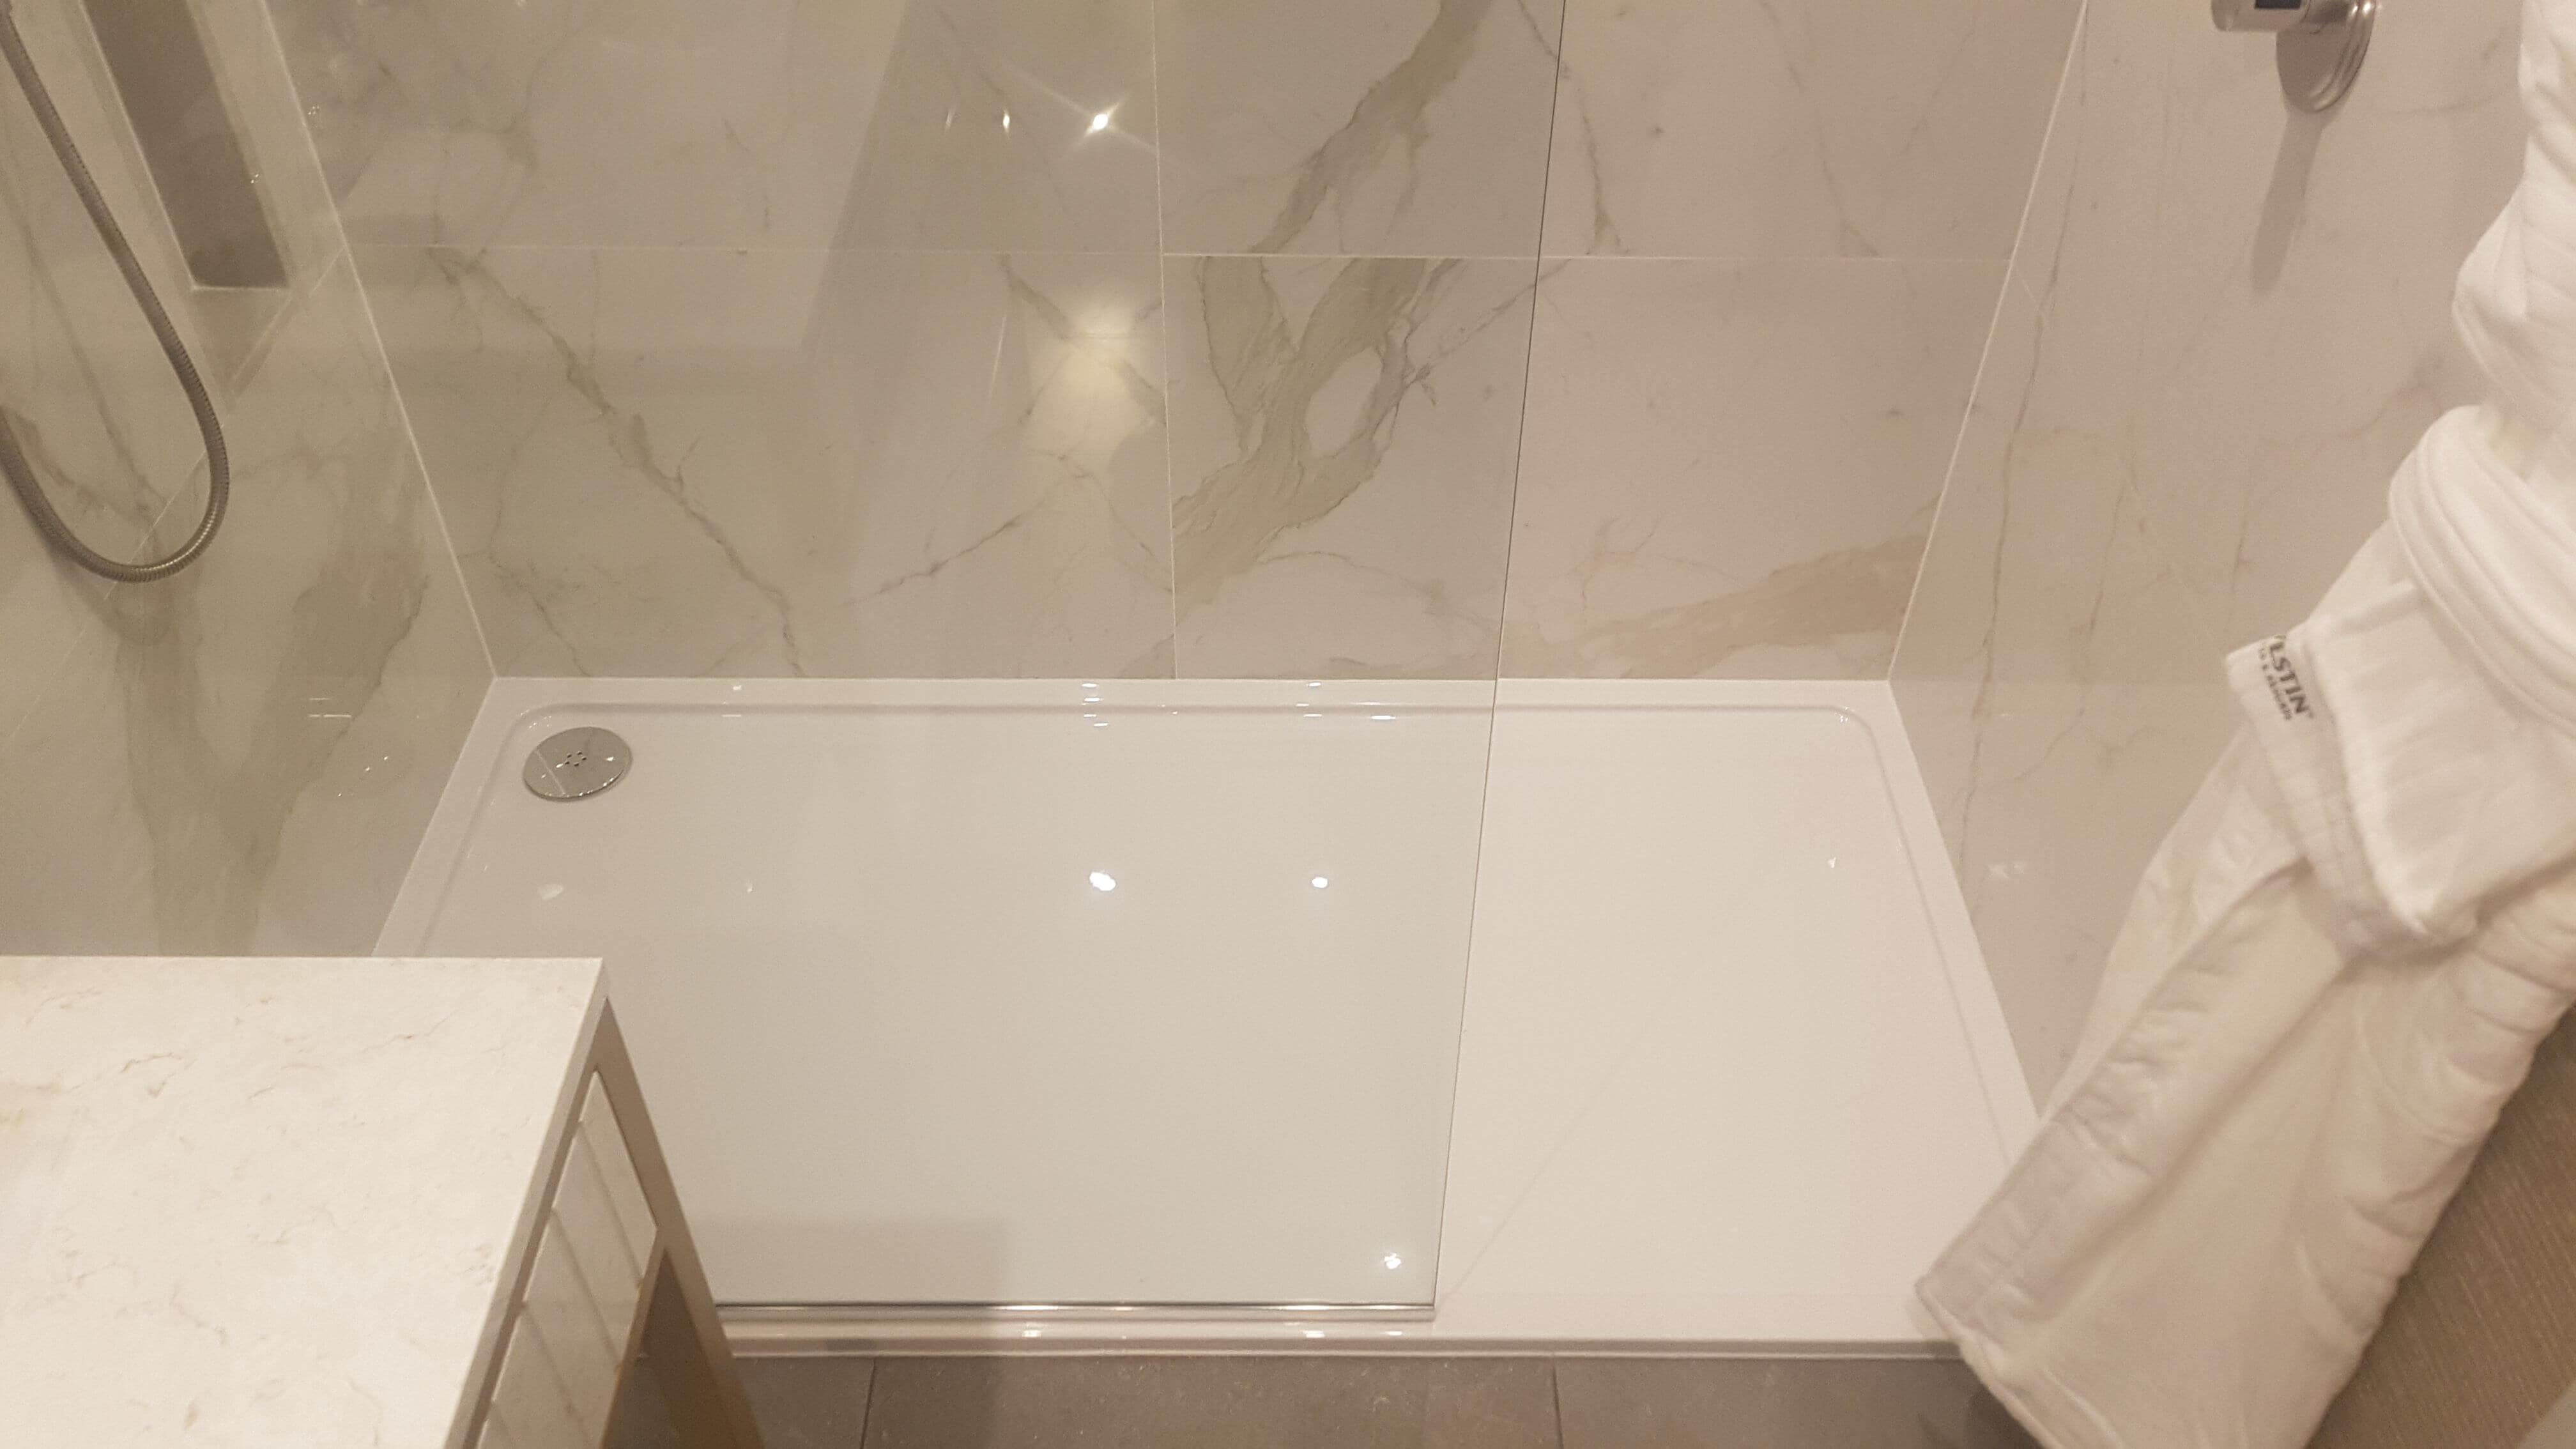 The Westin Hotel Bathroom